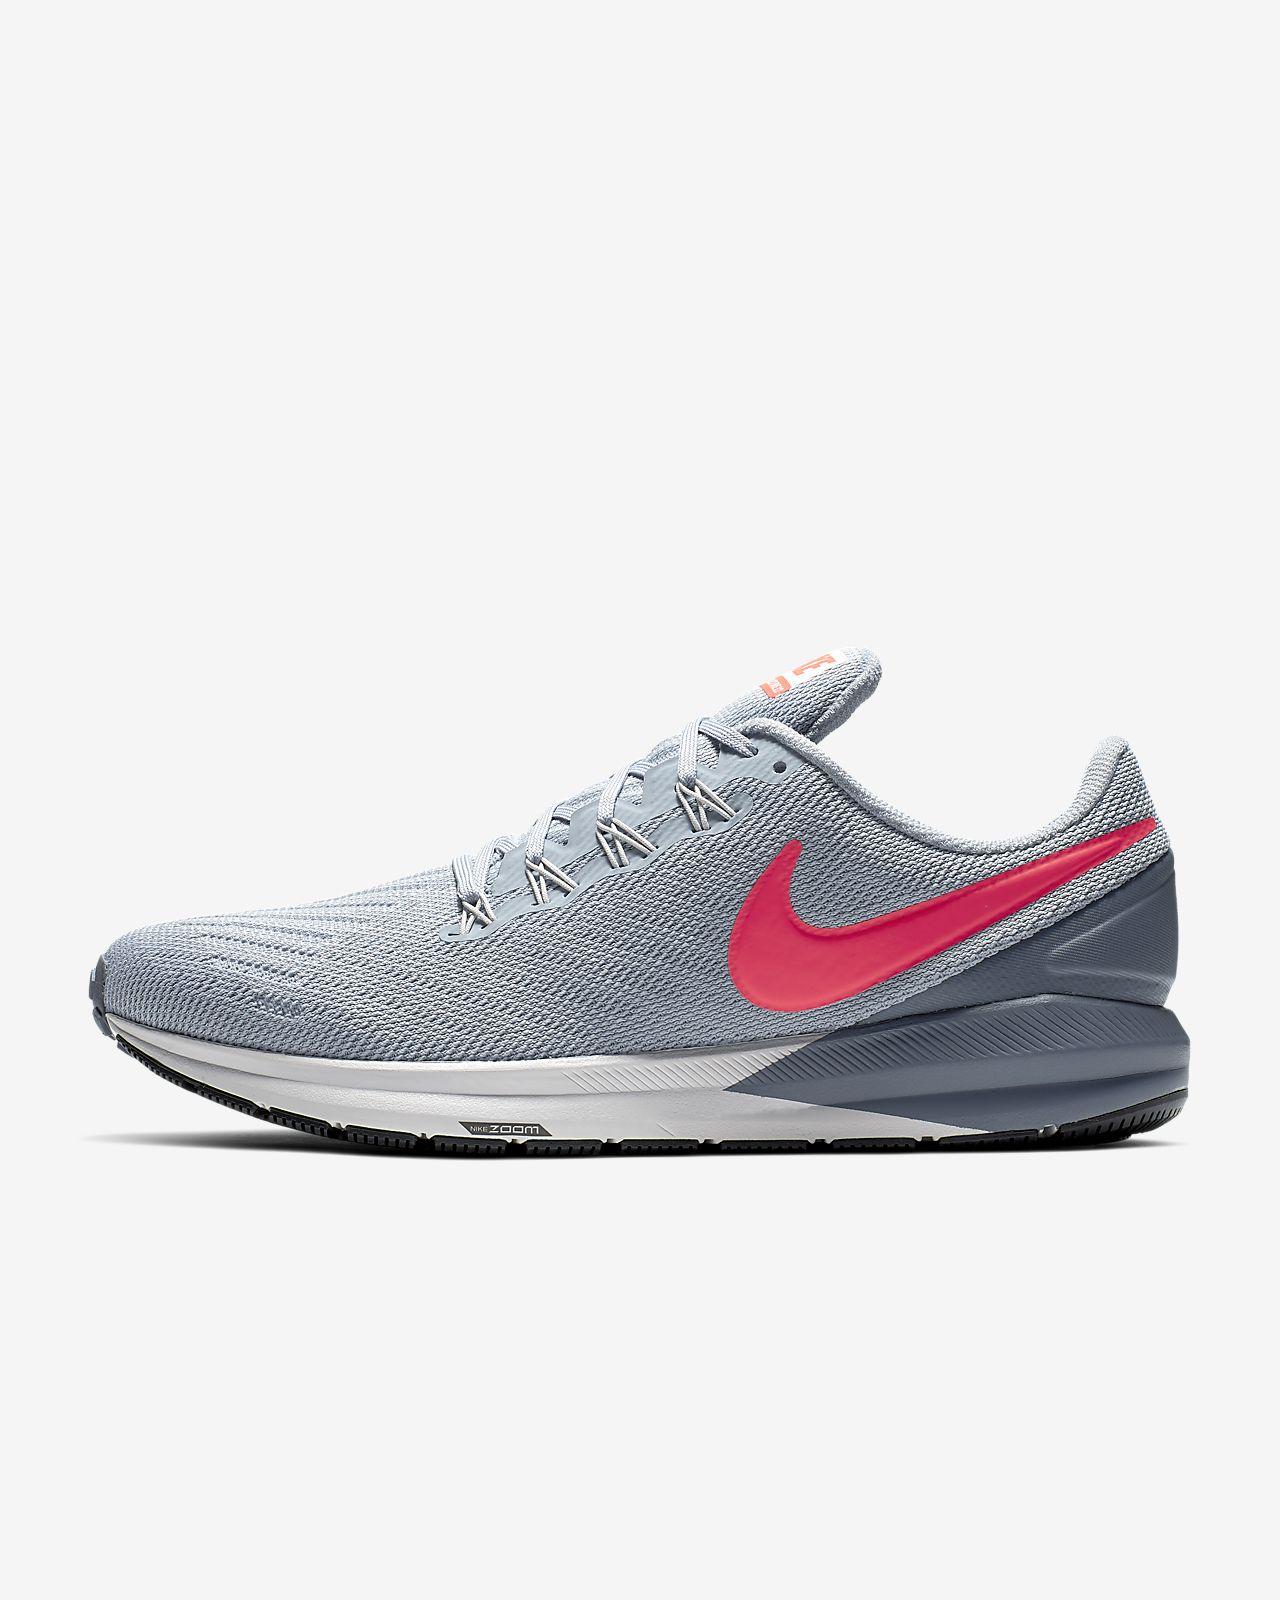 Pánská běžecká bota Nike Air Zoom Structure 22